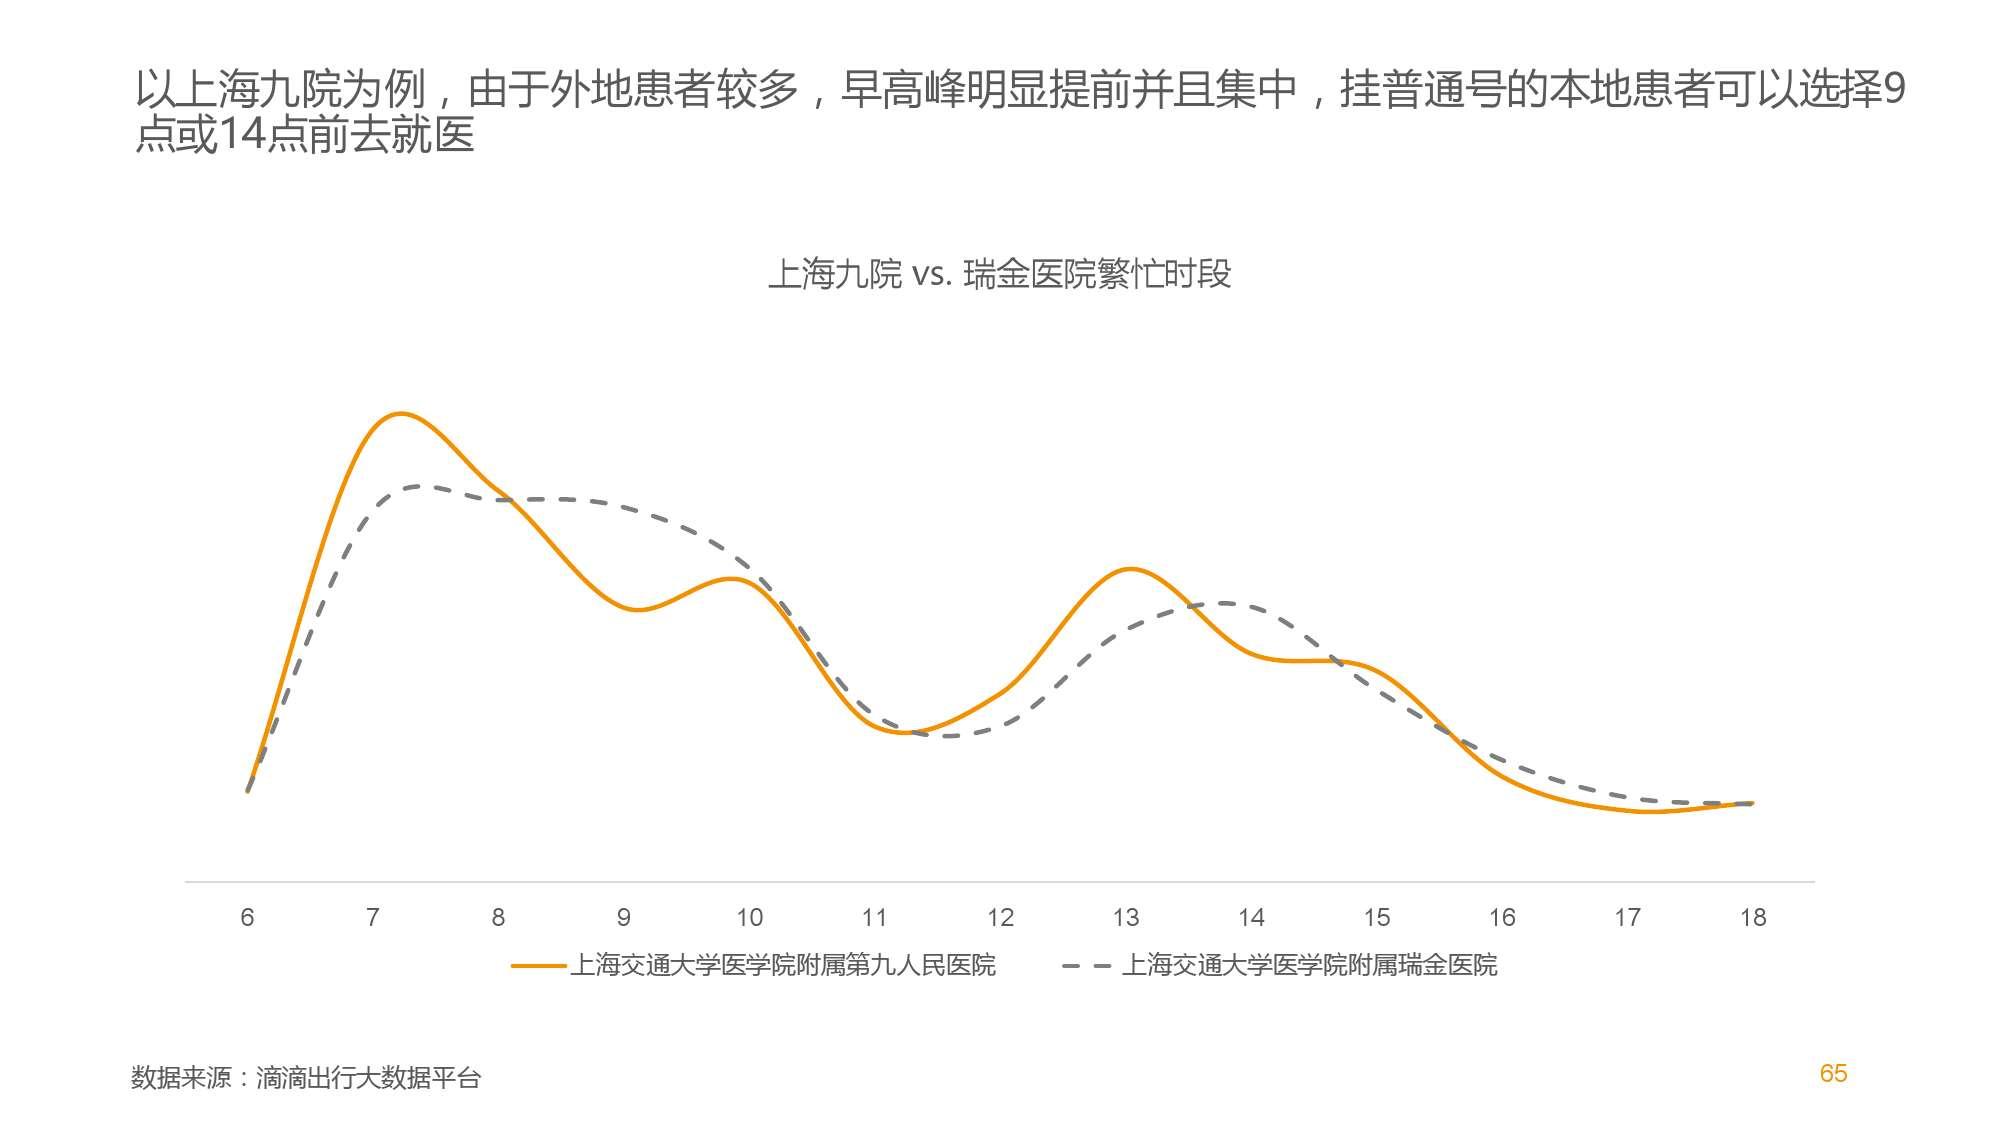 中国智能出行2015大数据报告_000065